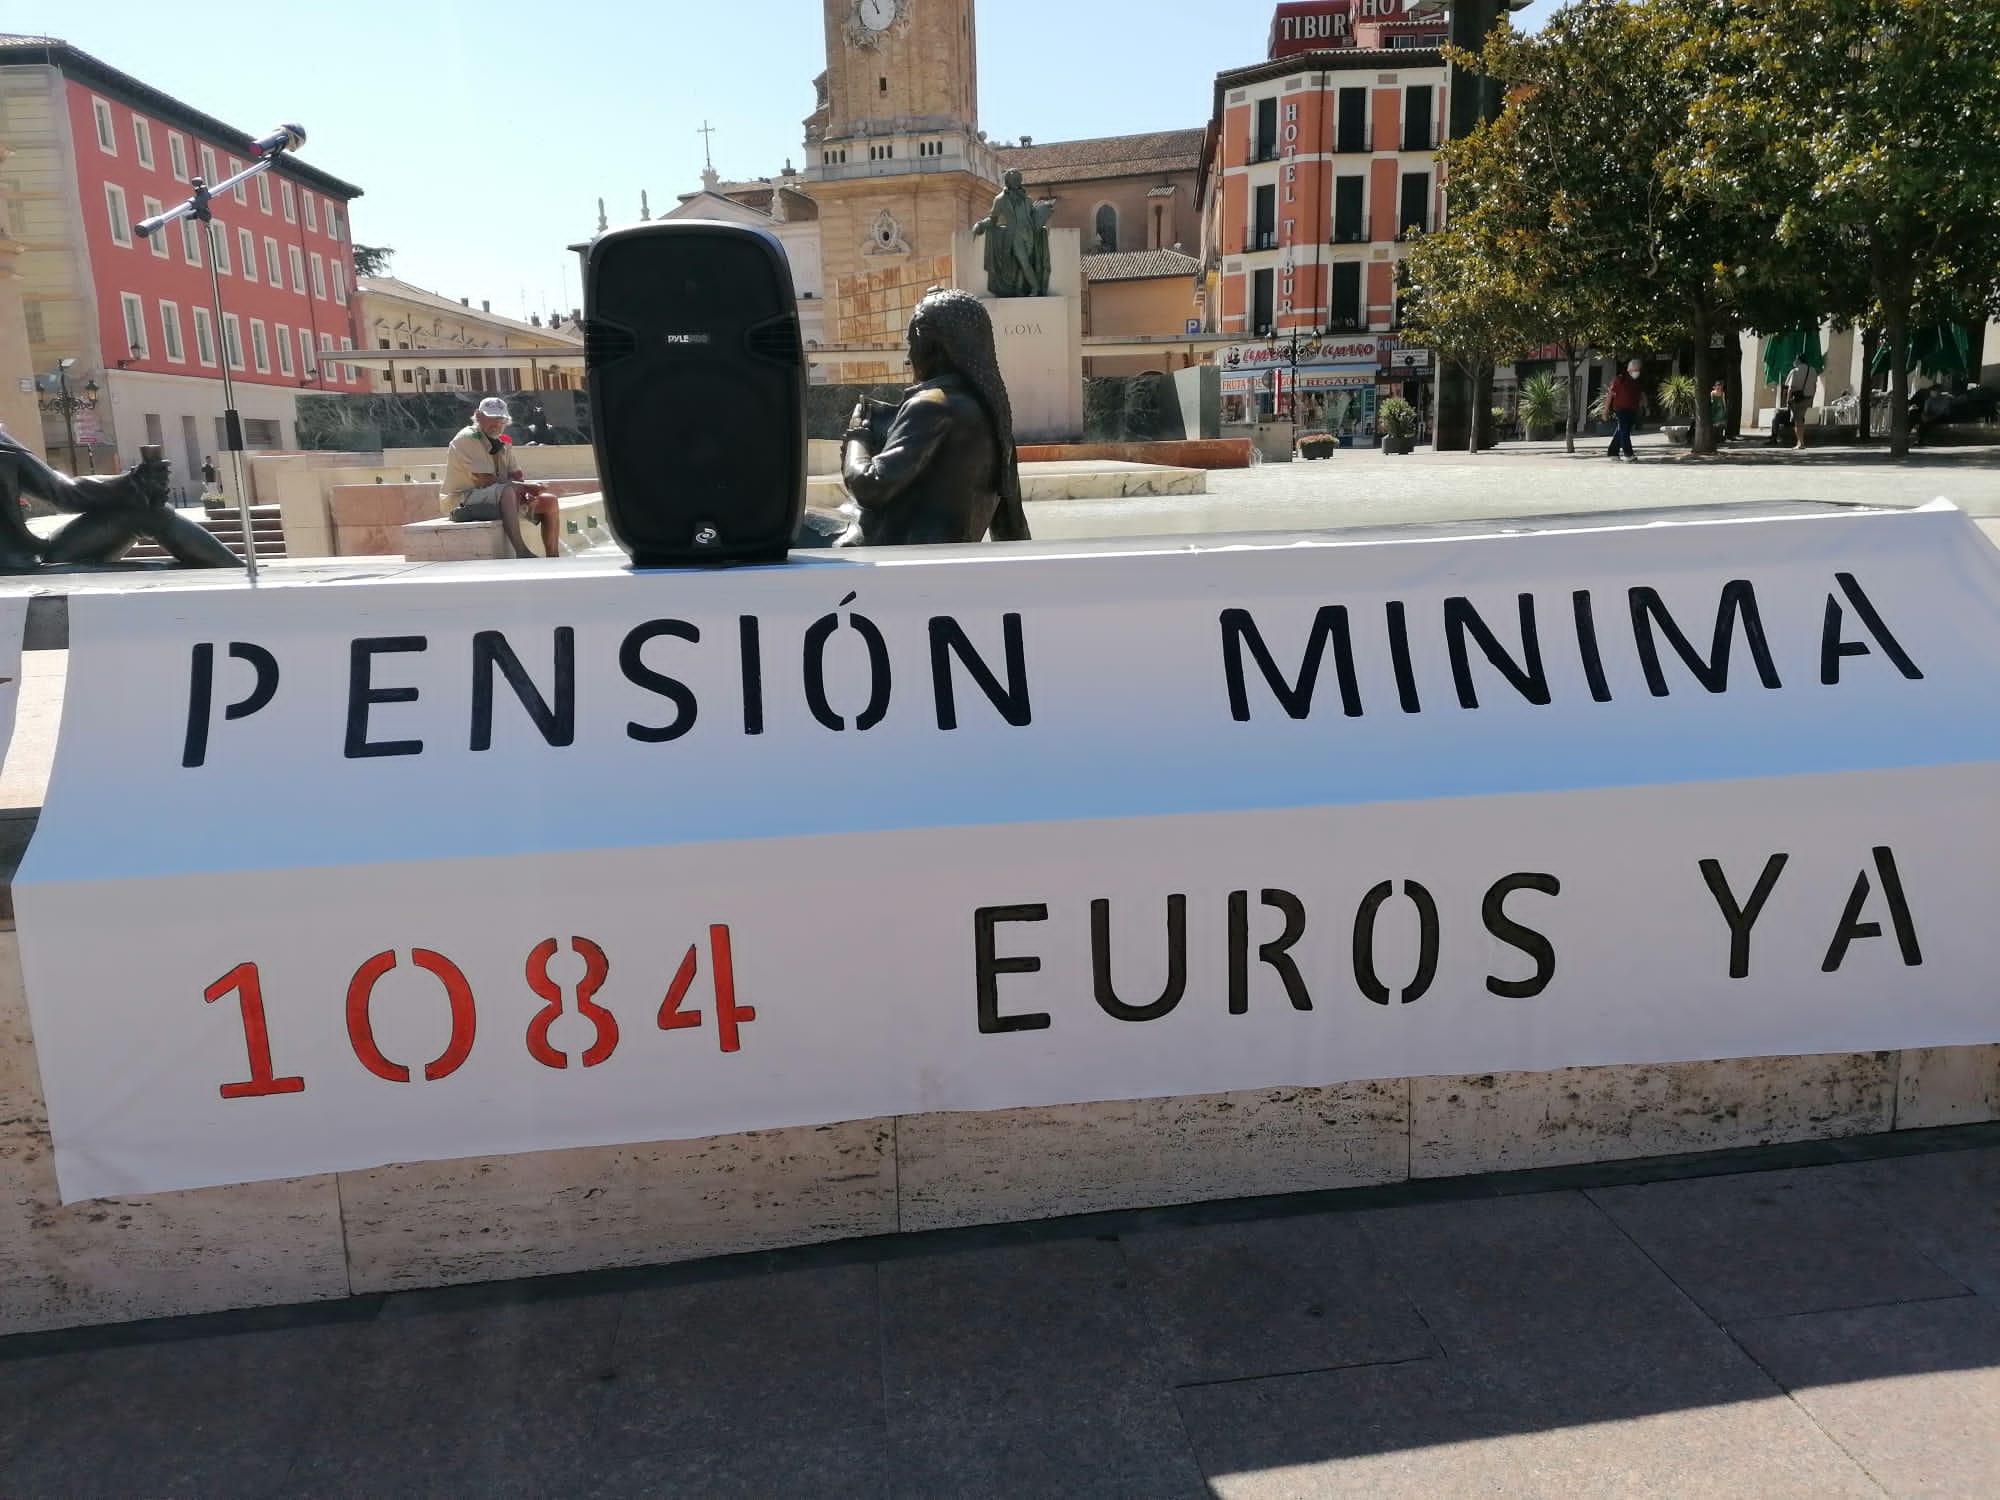 Boletin Sindical 00. Jubilados y Pensionistas IA-COBAS. Presentación.